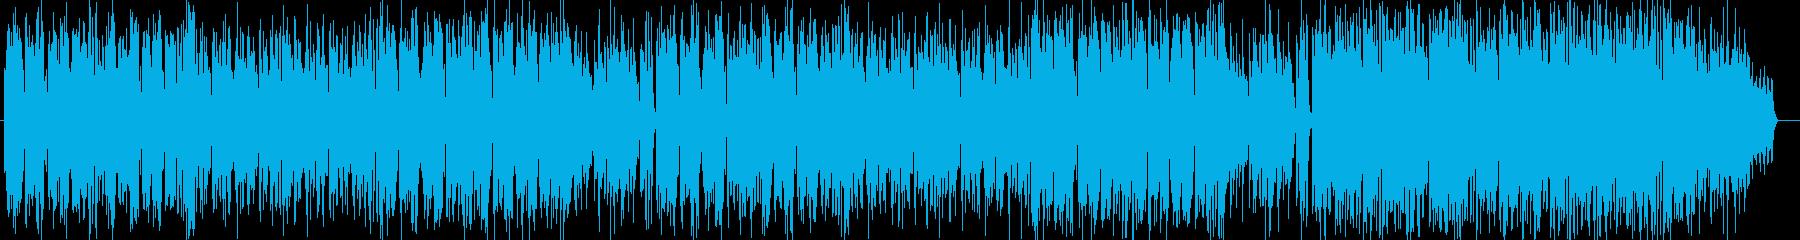 ボサノヴァ風シンセサイザー曲の再生済みの波形